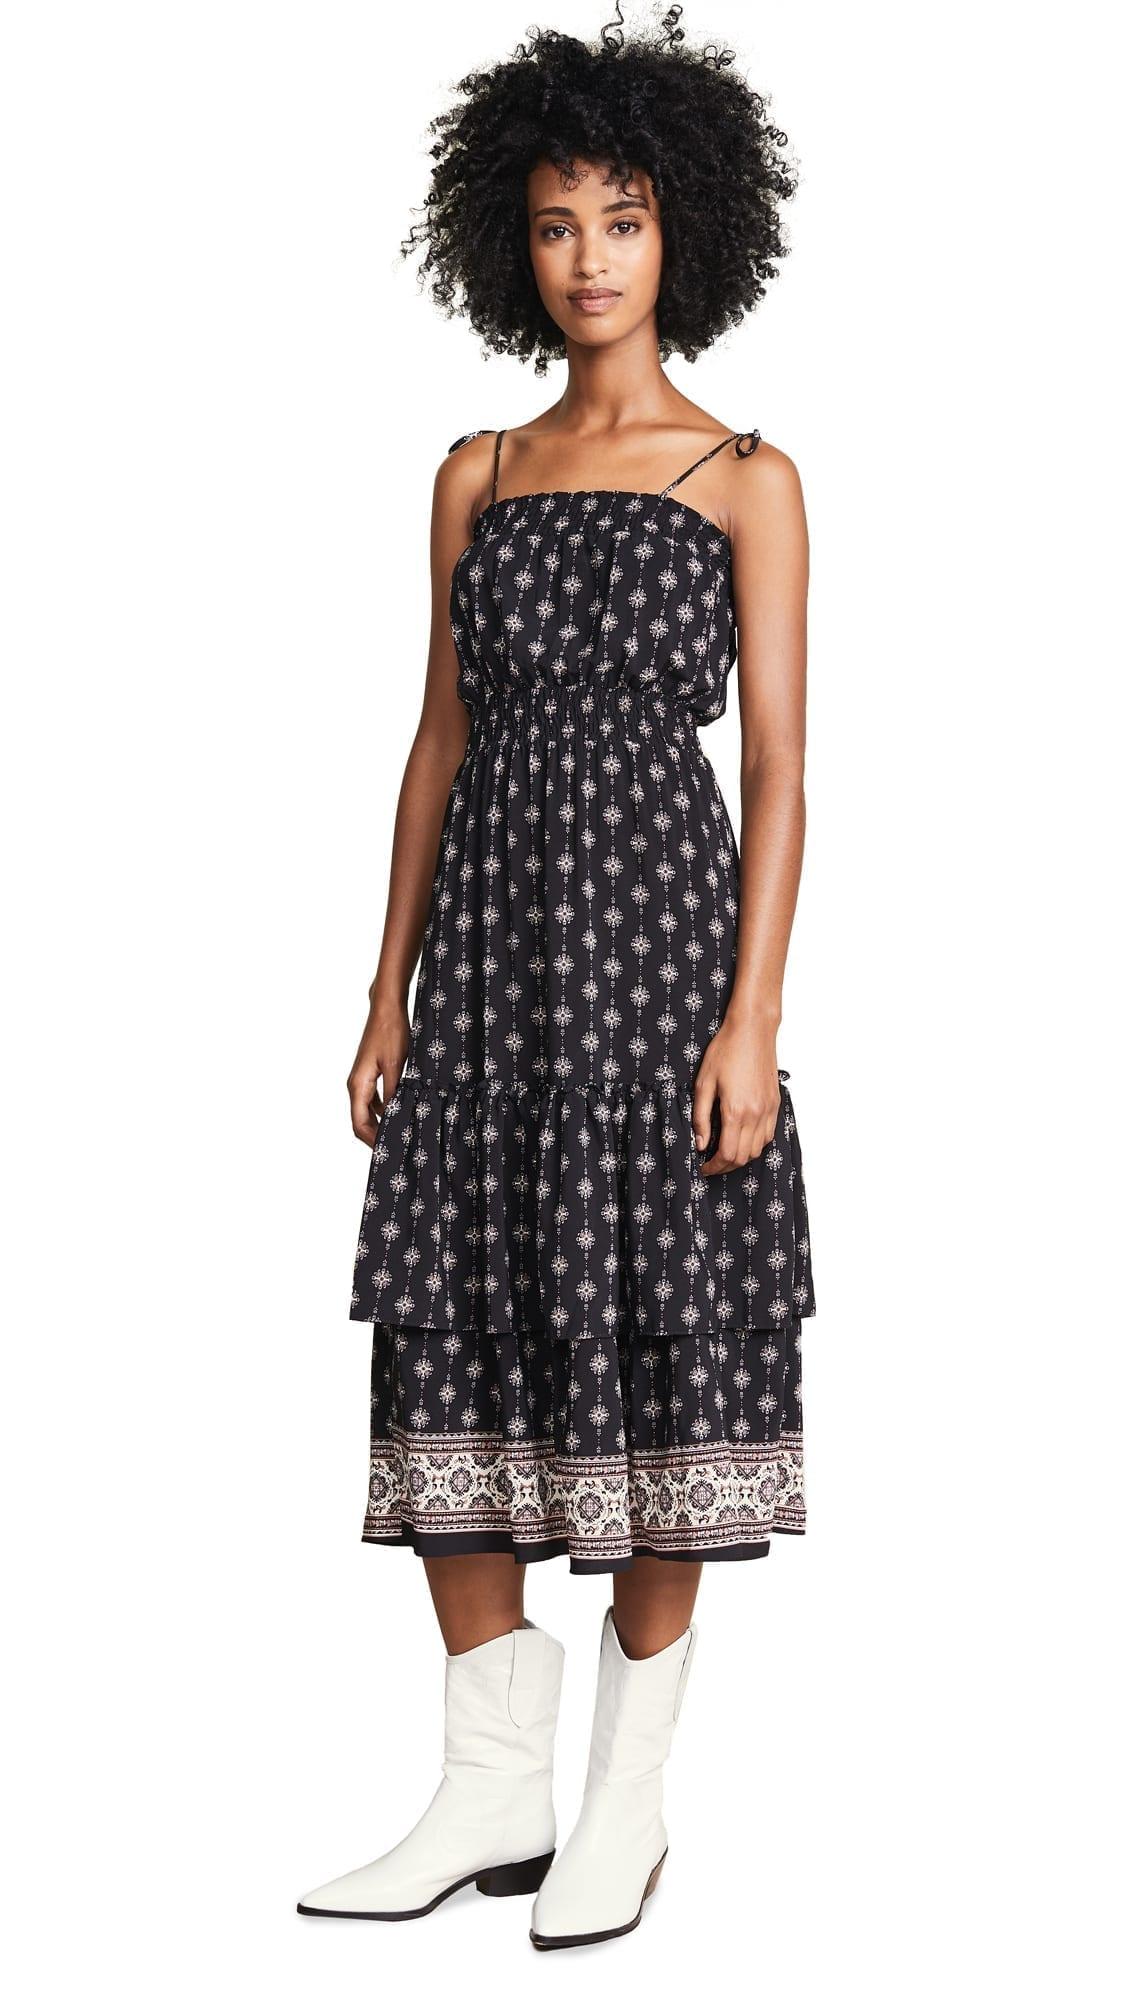 MISA Azalea Black / Floral Printed Dress